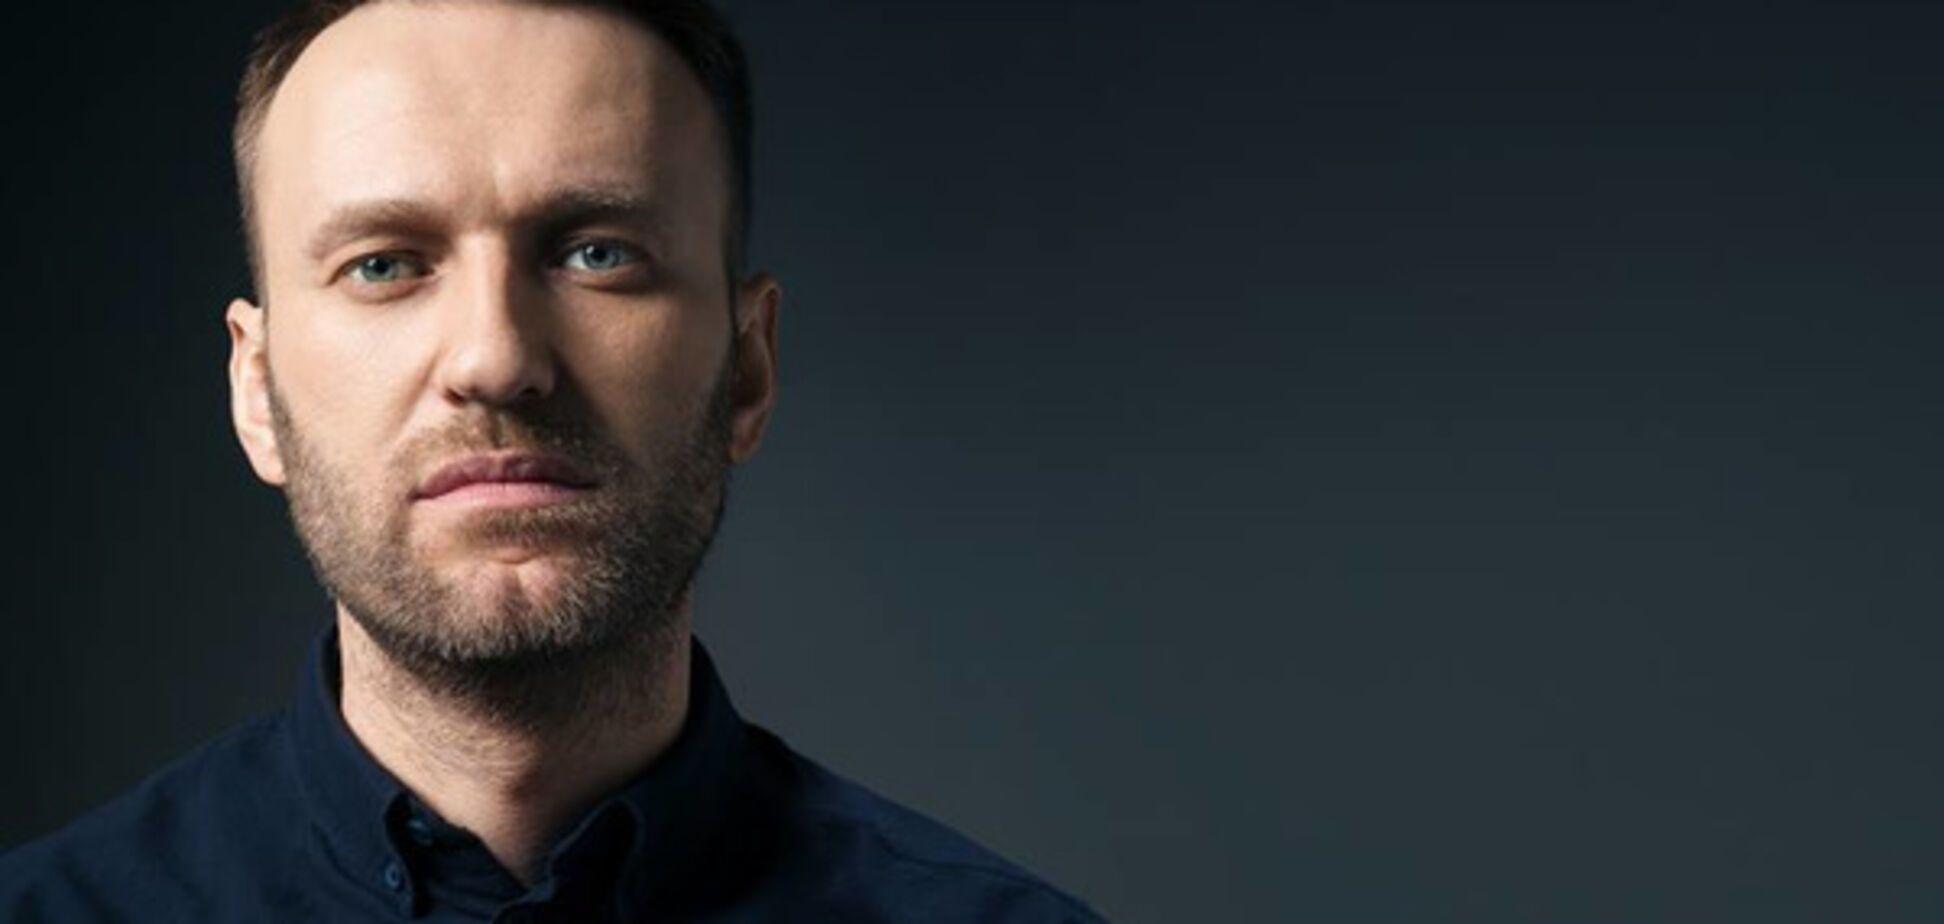 'Все, йду з політики': кавер українських 'Грибів' 'добив' Навального